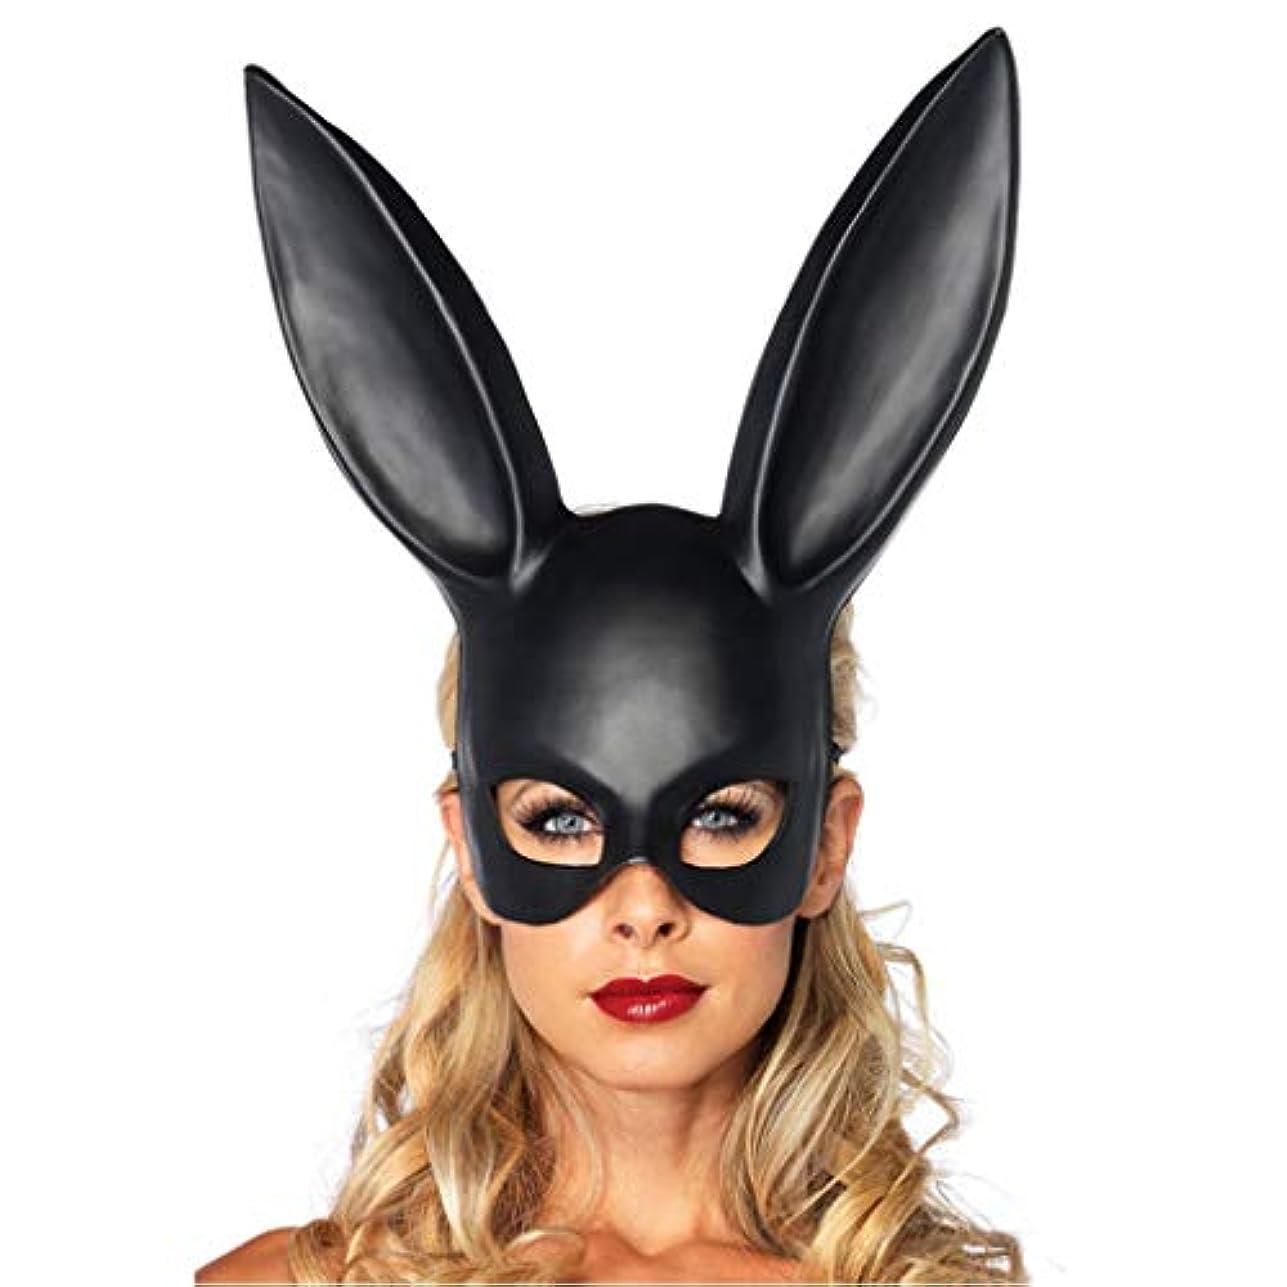 電球無駄な貴重なハロウィーン仮装イヤーマスクバーKTVパーティーマスクかわいいウサギのマスク (Color : B)